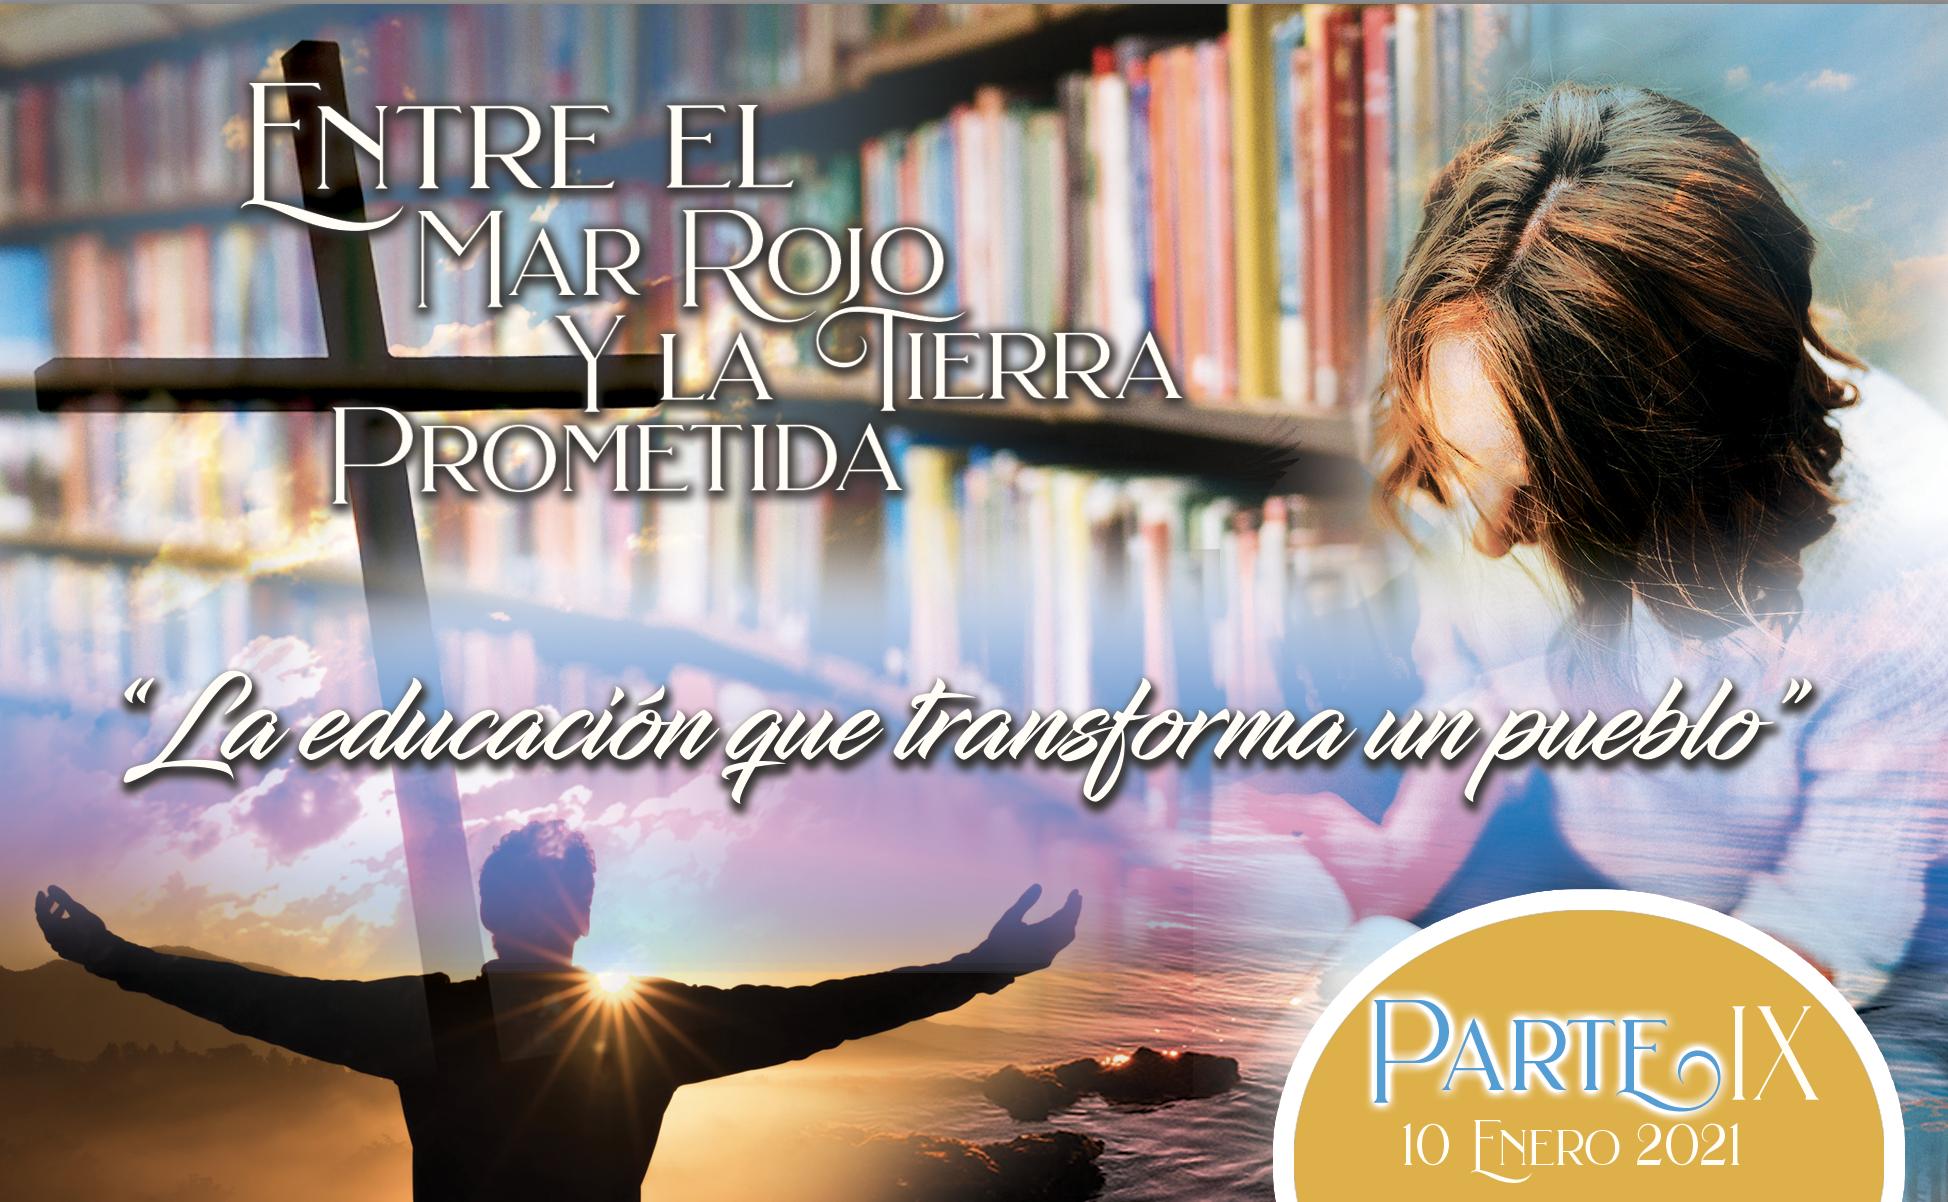 """778 • Entre el Mar Rojo y la Tierra Prometida: """"La educación que transforma un pueblo"""" – Parte IX • El Heraldo Institucional del 10 de enero del 2021 • Volumen XVI • 778"""